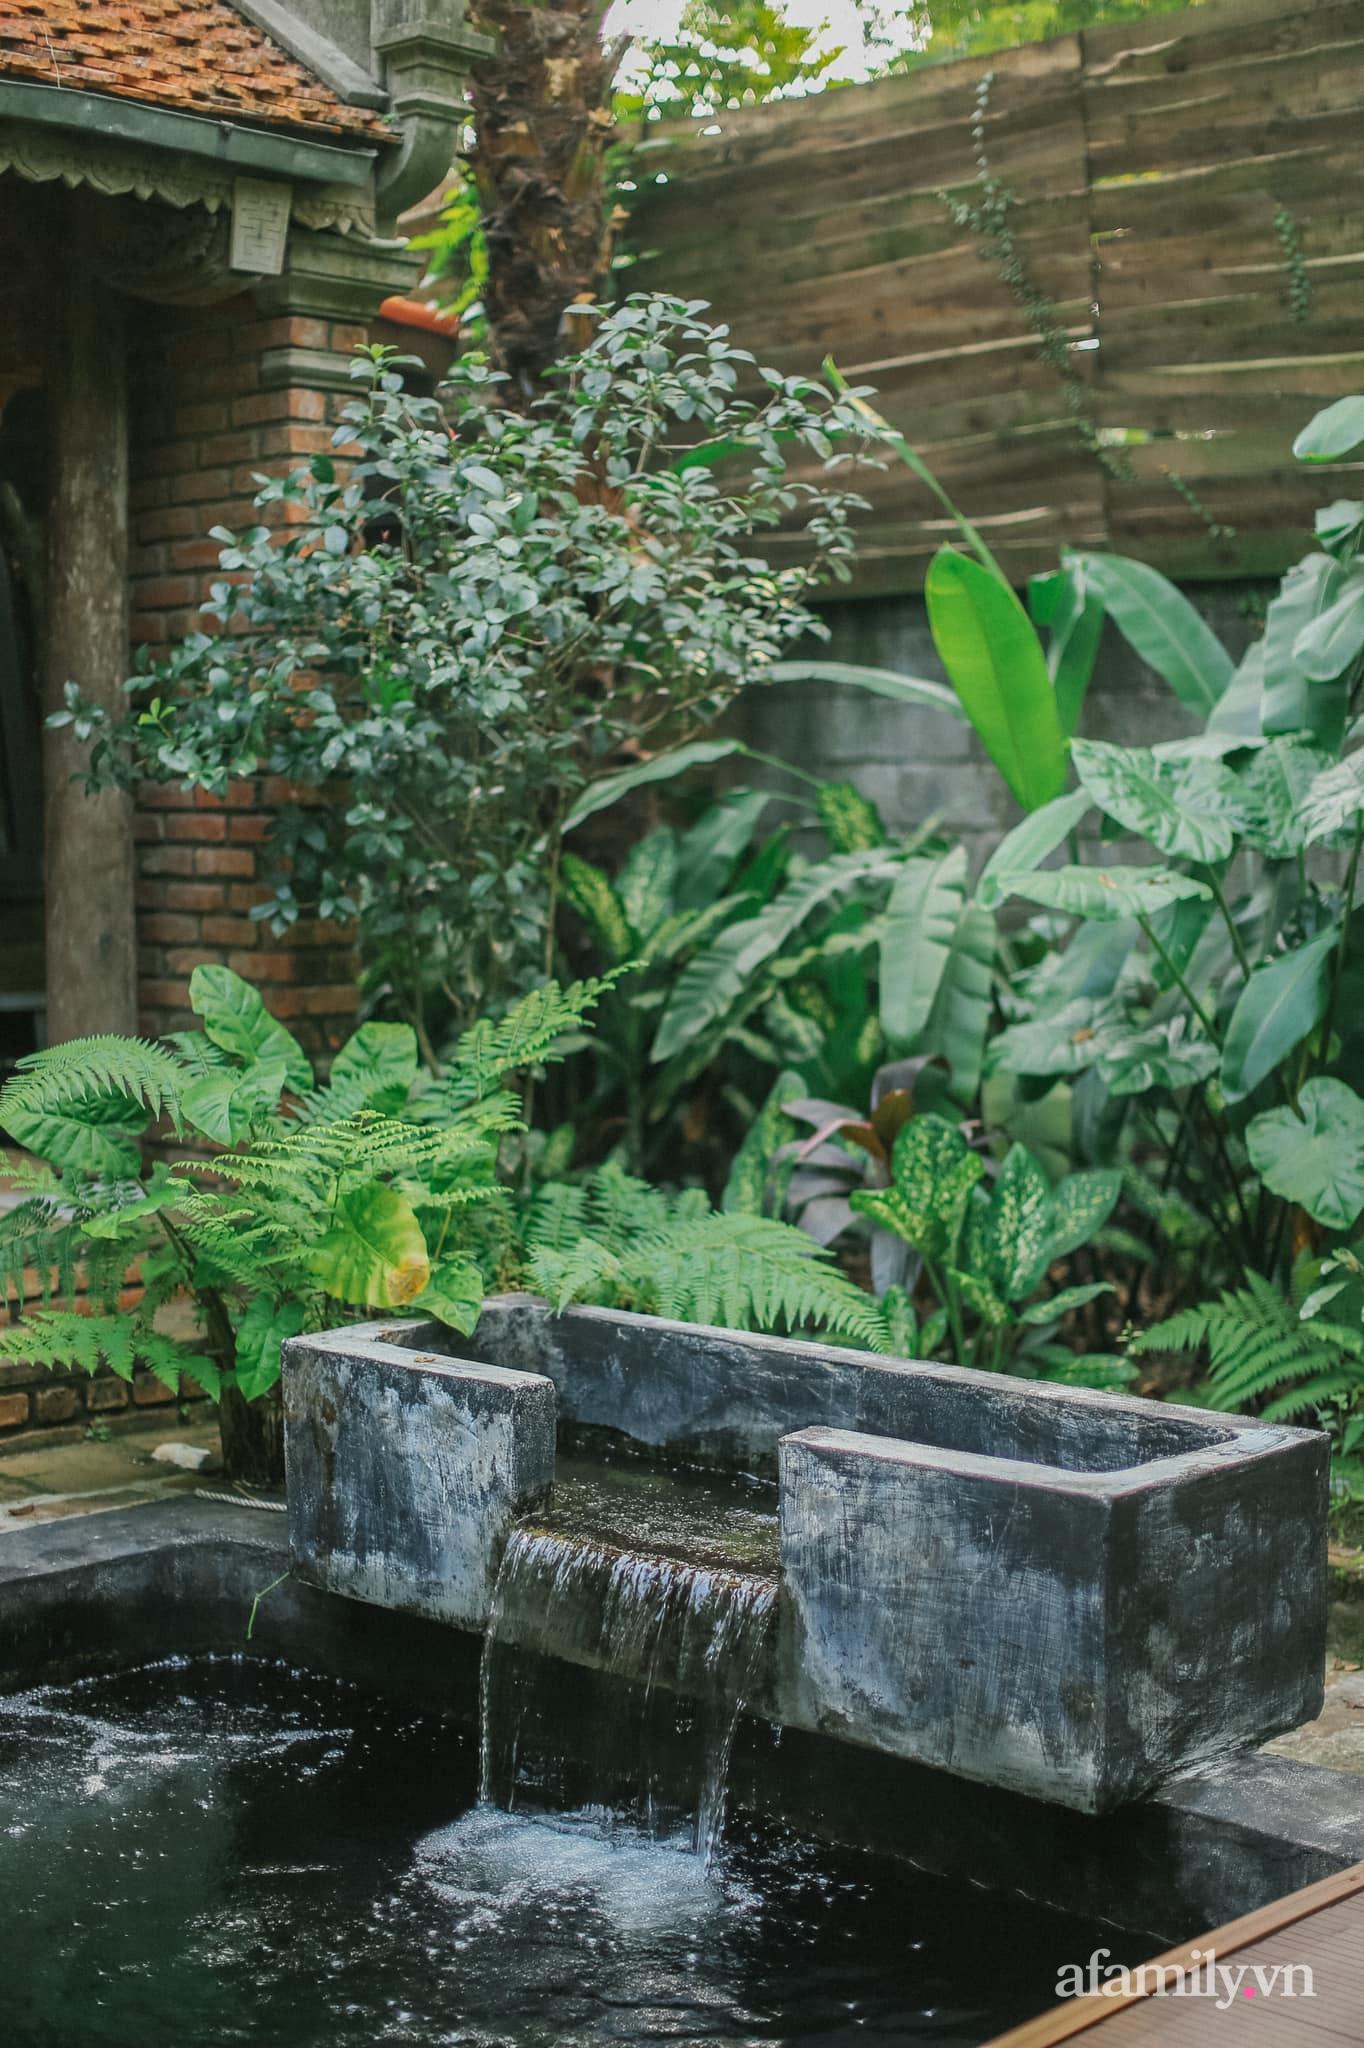 Cải tạo không gian rêu phong thành nhà vườn gói ghém những bình yên của người phụ nữ Hà Thành - Ảnh 8.